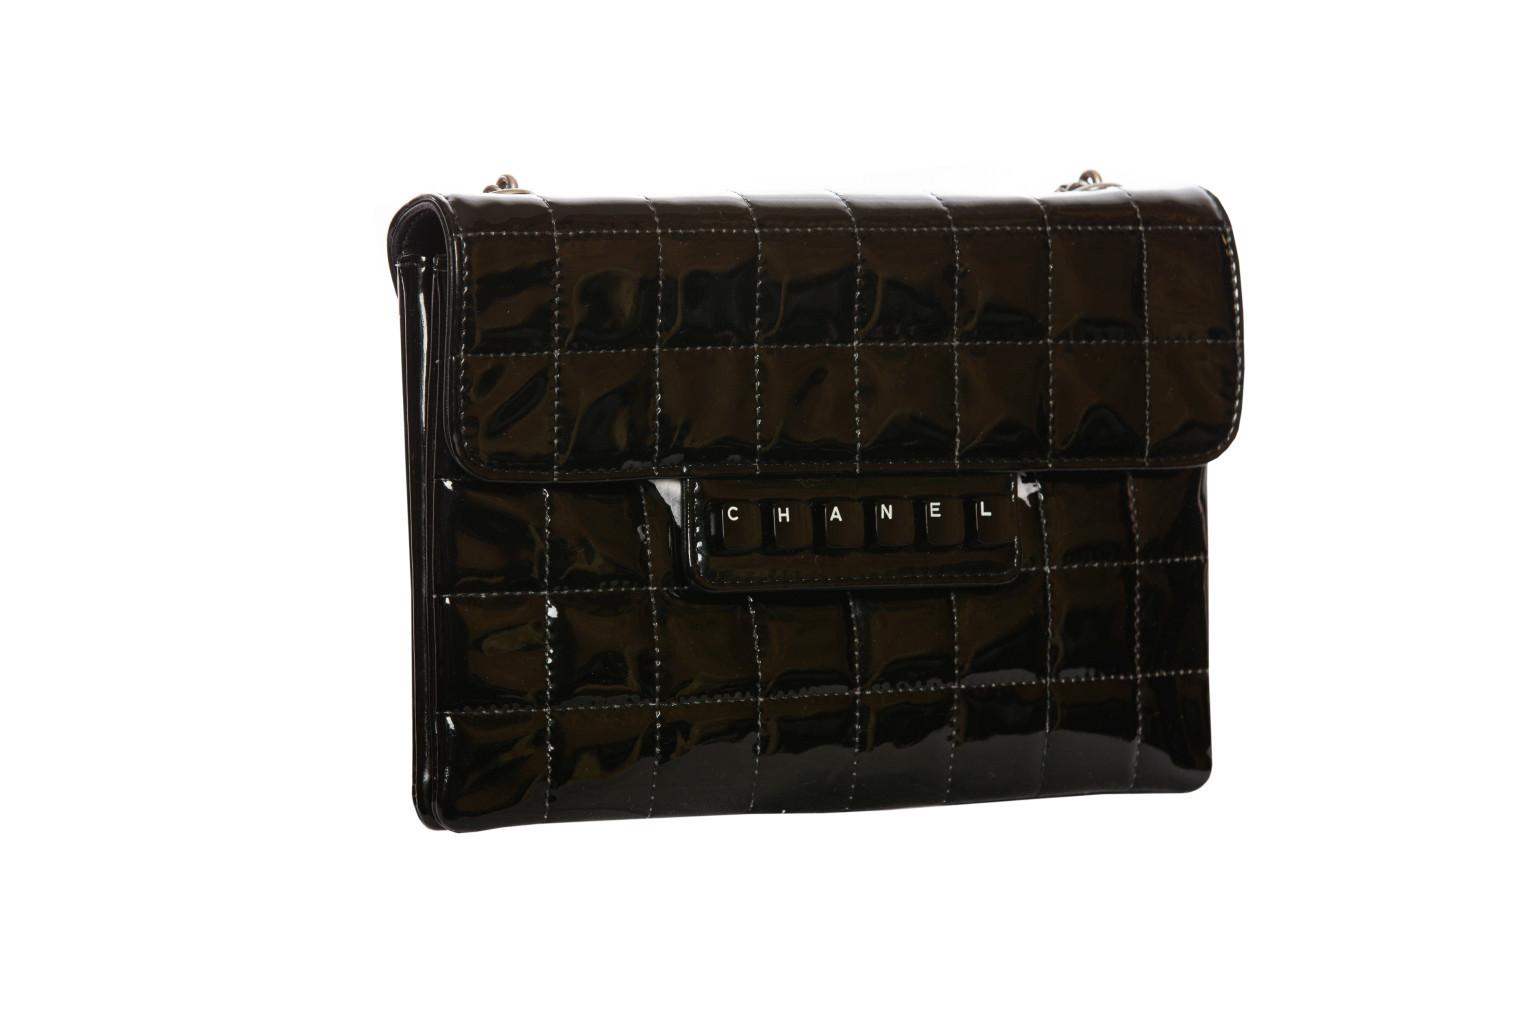 Стильная лаковая сумочка с оригинальным декоративным элементом в виде клавиш от Chanel